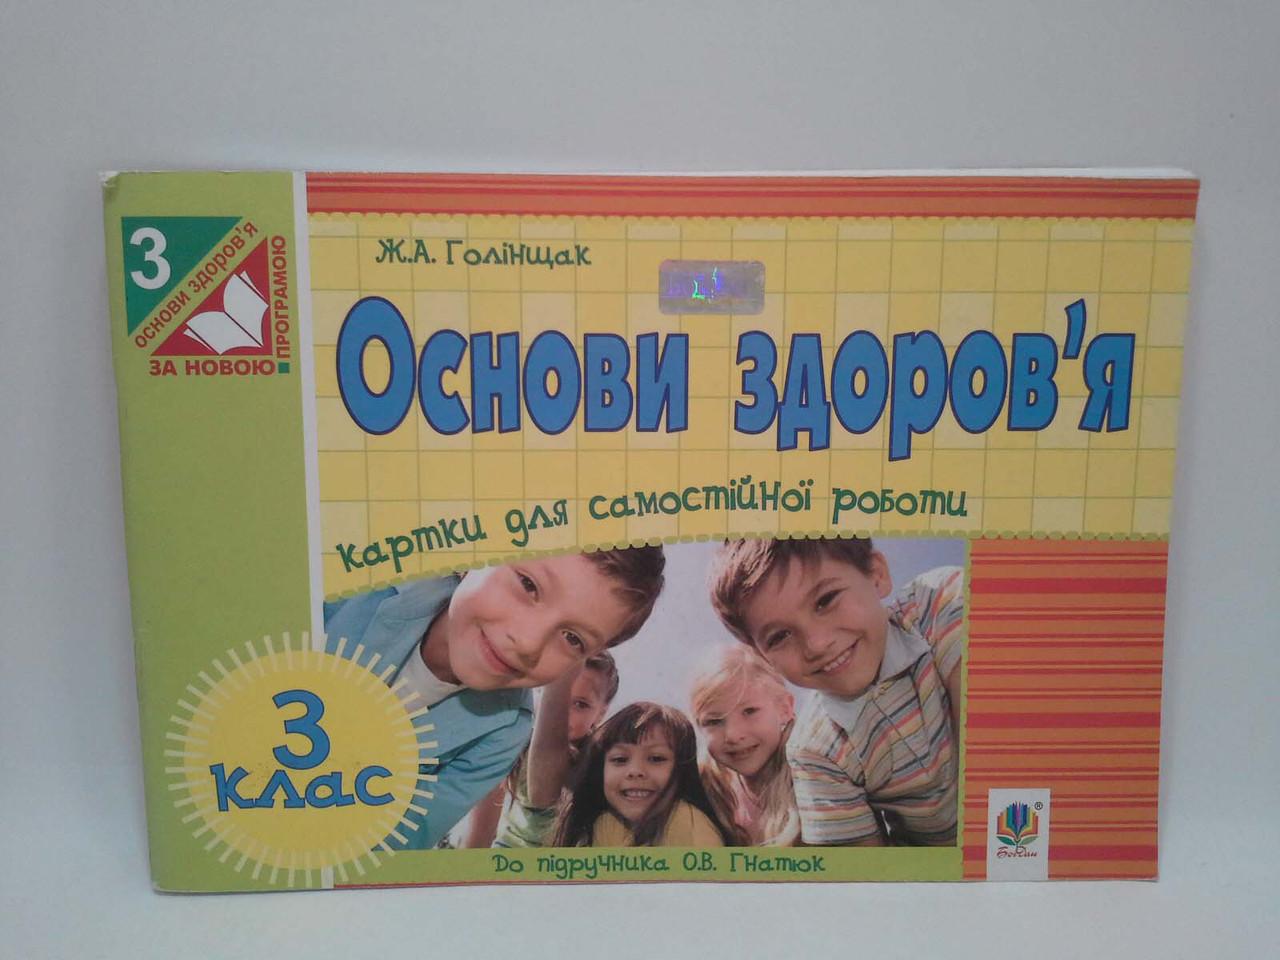 Богдан Основи здоровя 3 клас Картки для самостійної роботи Голінщак До Гнатюк